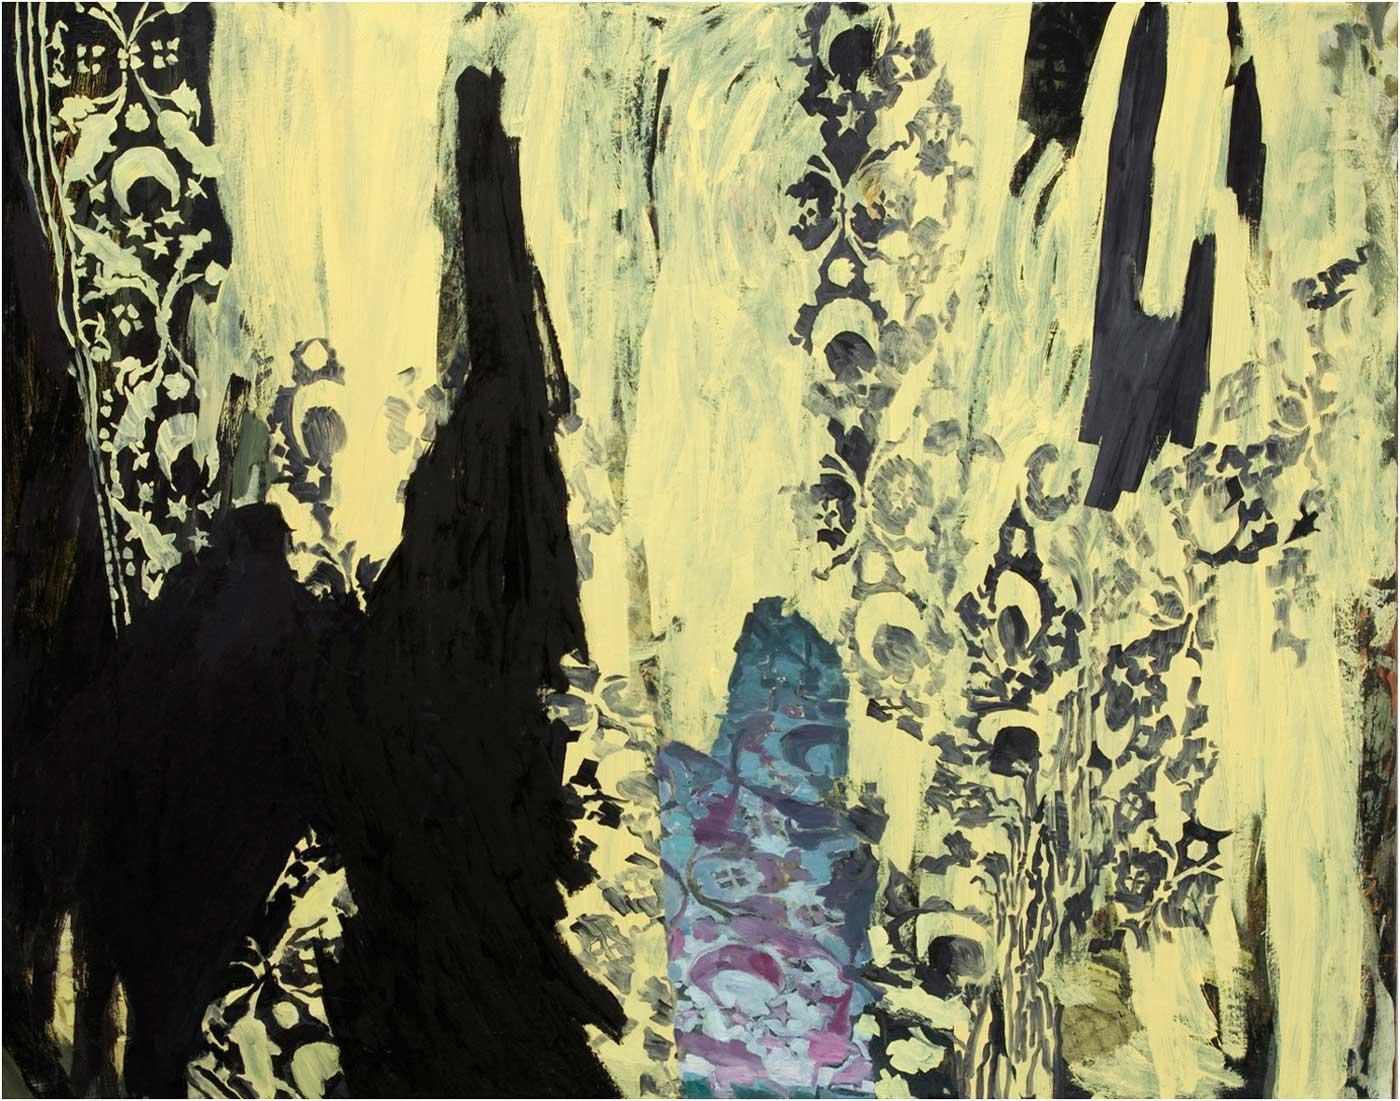 Arabeske 33, 120 x 155 cm, Öl/Lwd., 2013